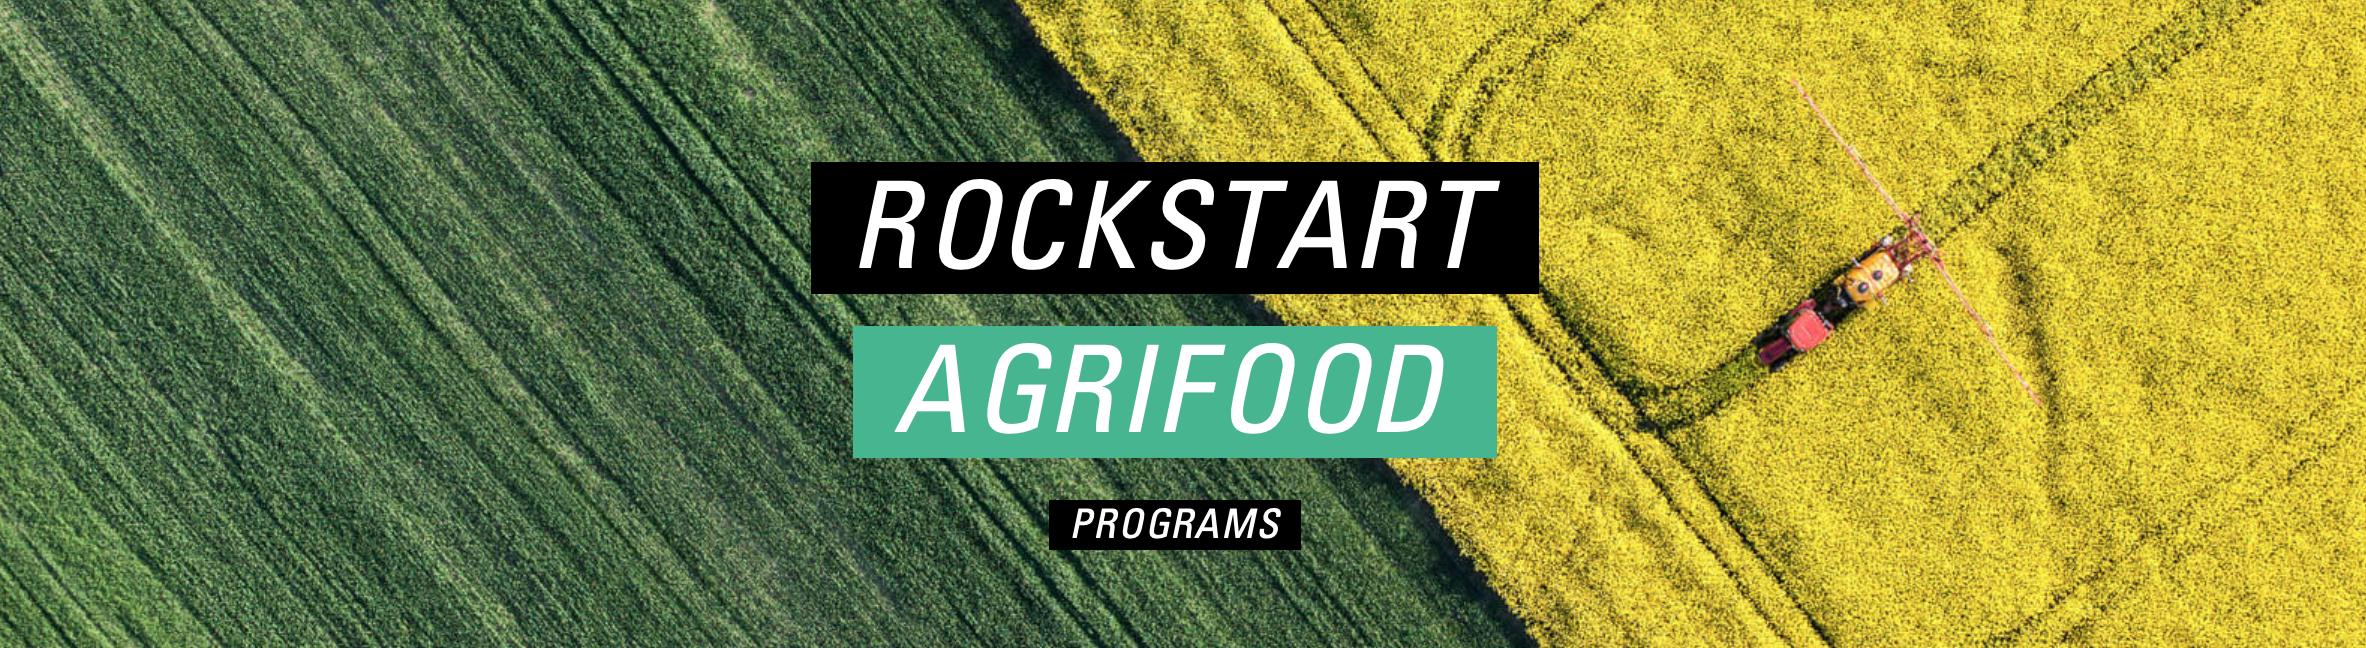 Capture d'écran 2019 07 08 à 10.45.39 - Lancement du programme Rockstart Agrifood au Danemark